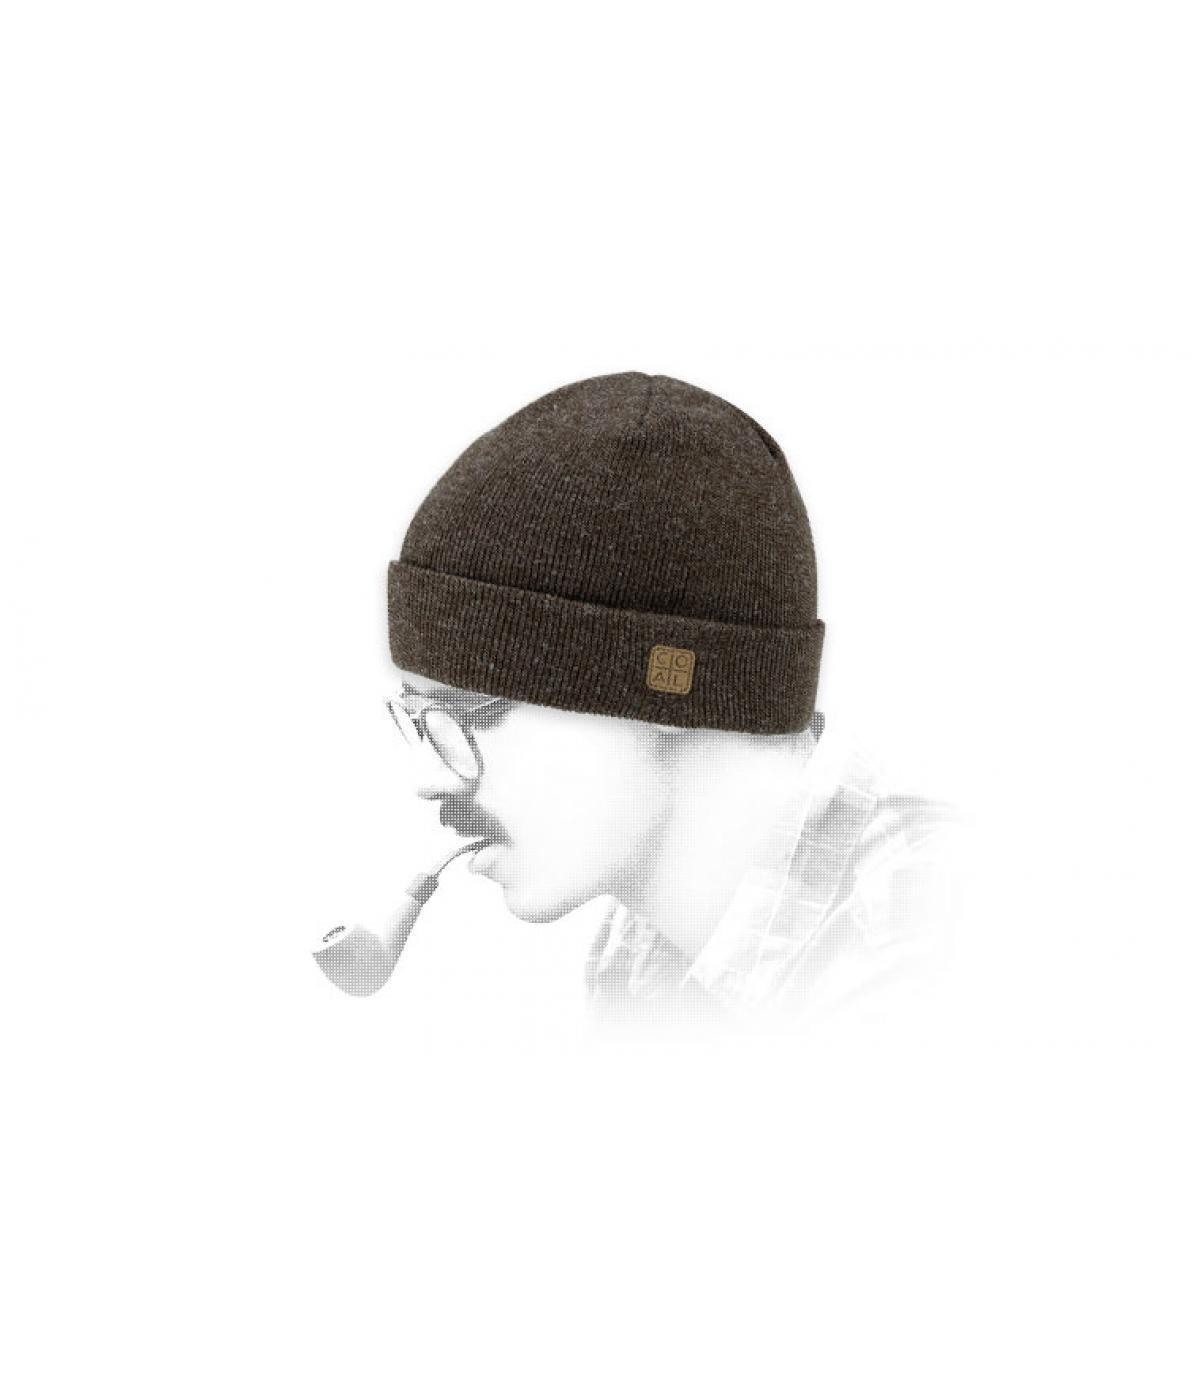 Mütze Revers braun Coal